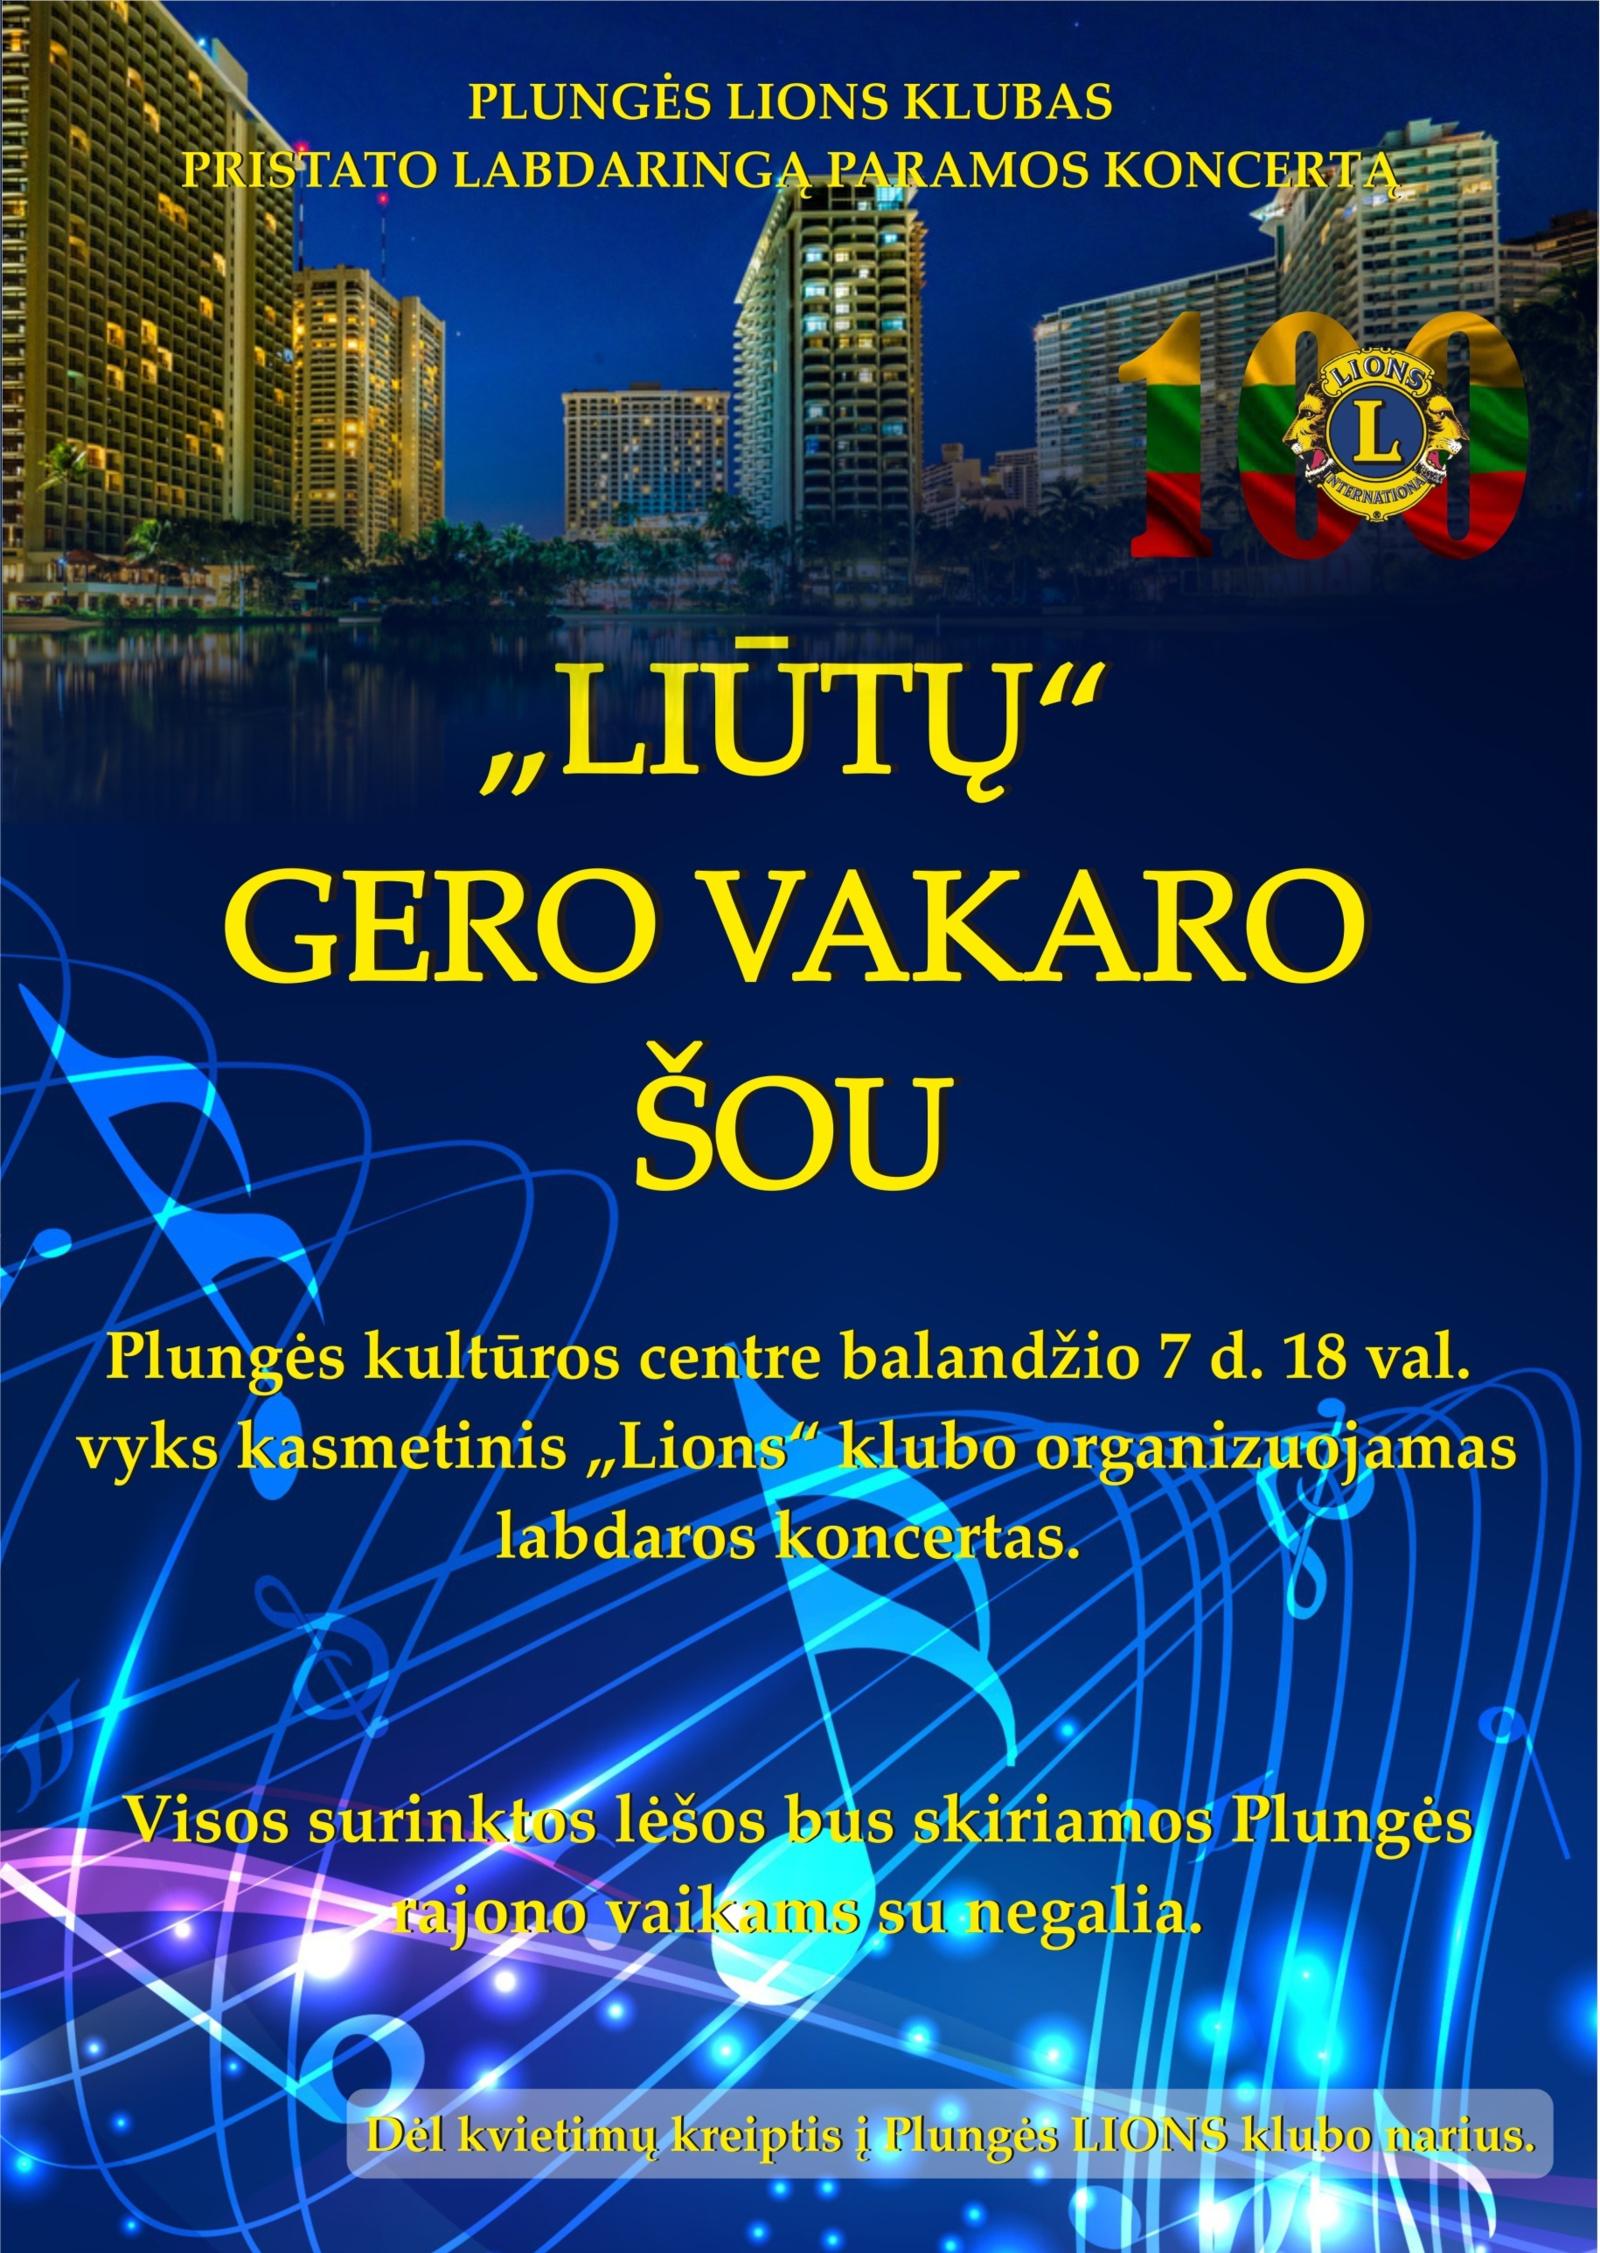 """Kviečia tradicinis Plungės LIONS klubo paramos koncertas """"LIŪTŲ"""" gero vakaro šou"""""""